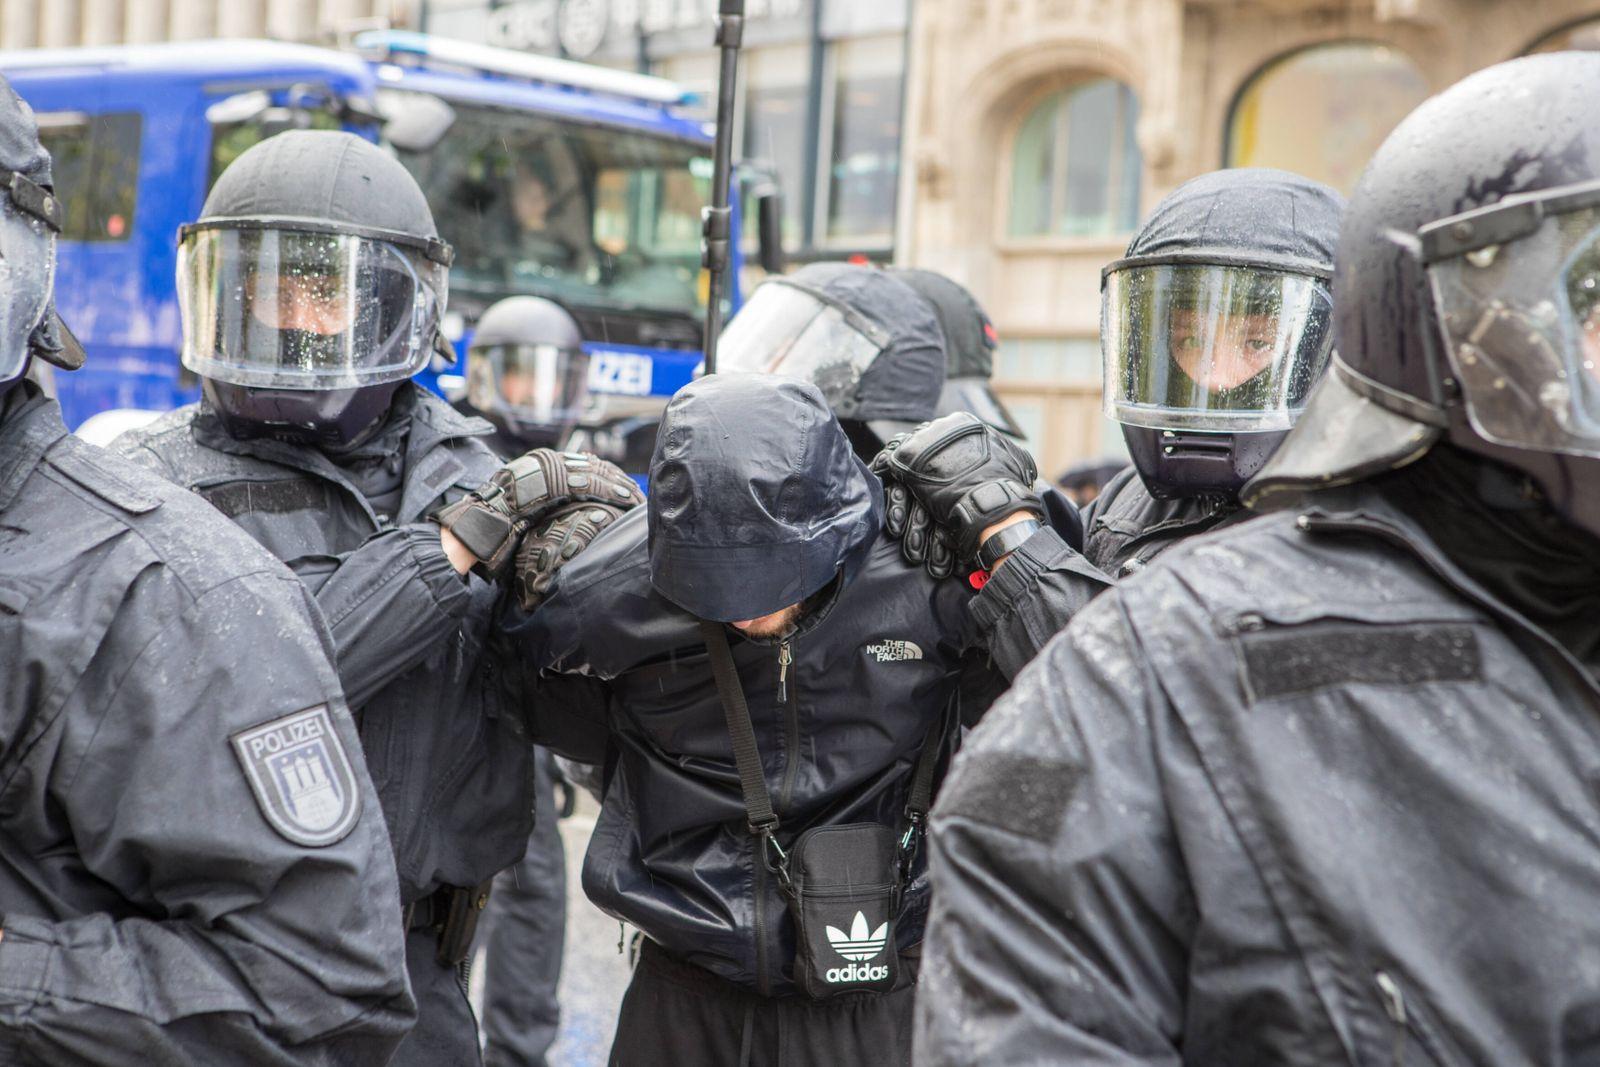 Ausschreitungen nach Demostration in Hamburg 06.06.20 - Hamburg: Nach der friedlichen Demo gegen 15Uhr eskalierte gegen